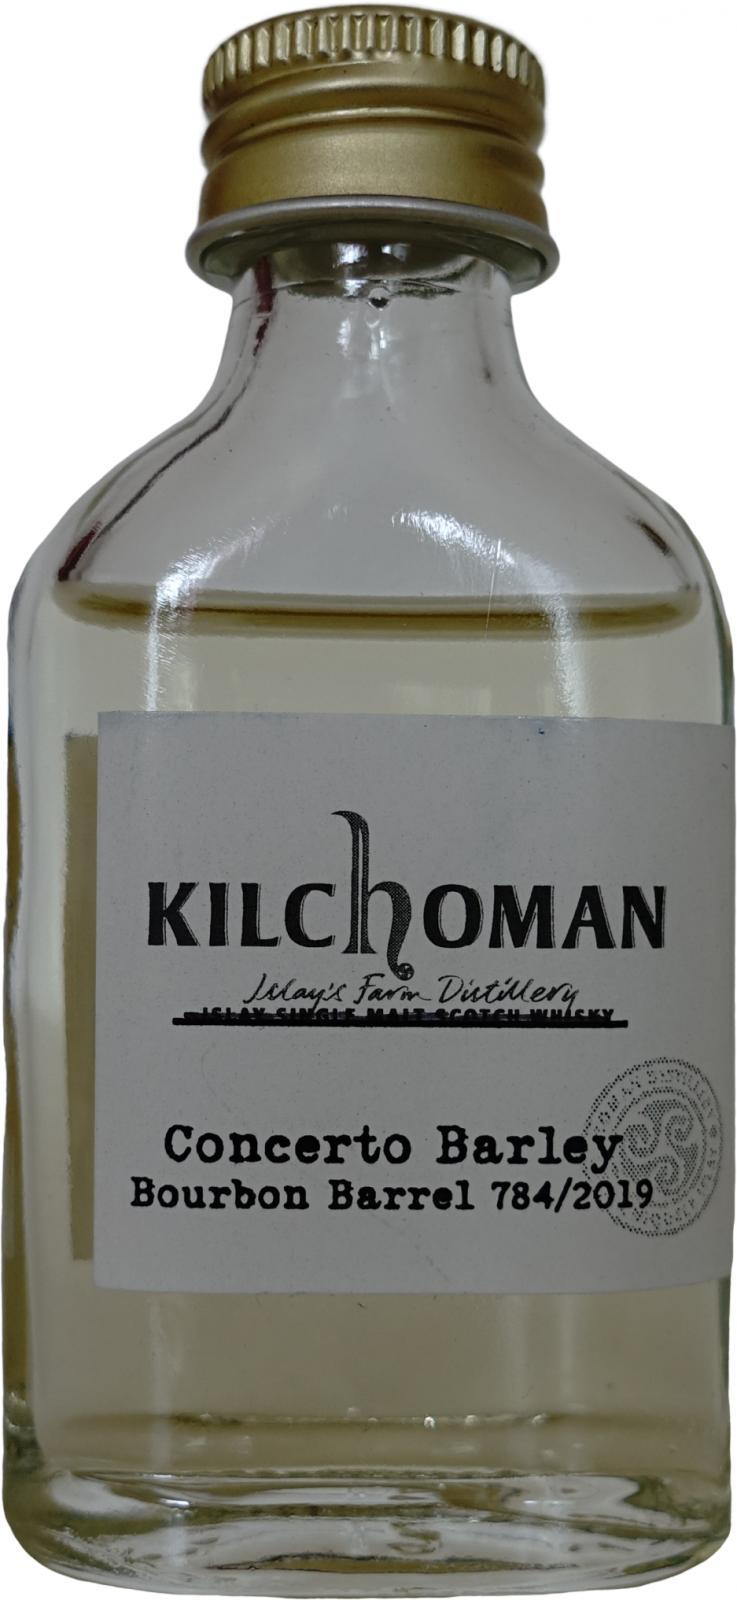 Kilchoman 2019 - Concerto Barley